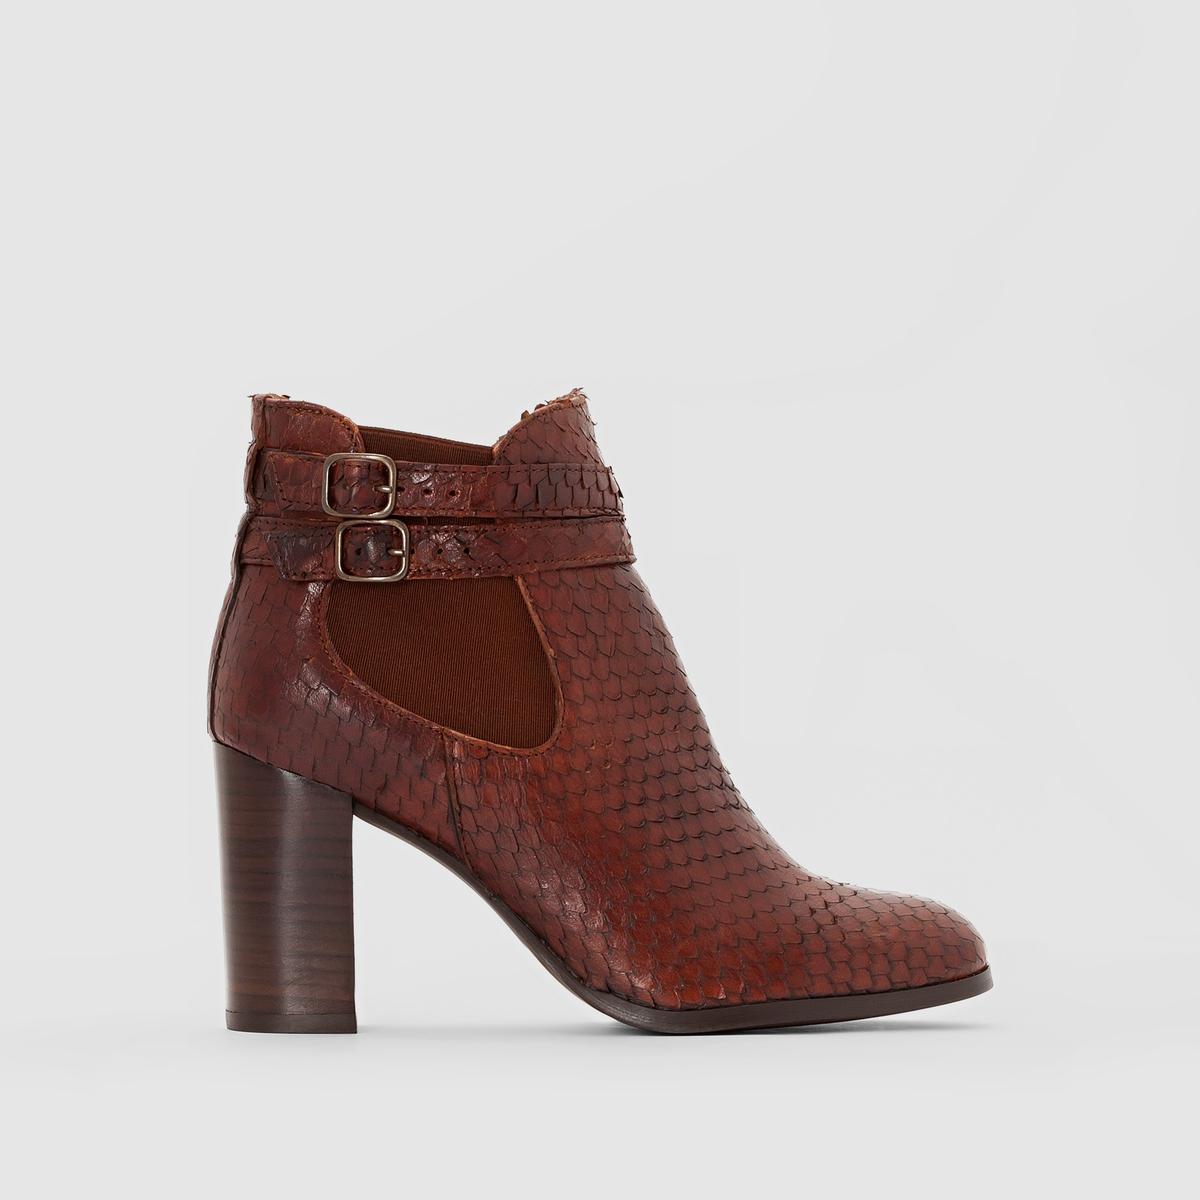 Ботинки кожаные на высоком каблуке AbriaПодкладка : Кожа. Стелька : Кожа. Подошва : Эластомер Высота каблука : 8 см Высота голенища : 15 см      Форма каблука : ВысокийМысок : Закругленный Застежка : На молнию<br><br>Цвет: коньячный,черный<br>Размер: 38